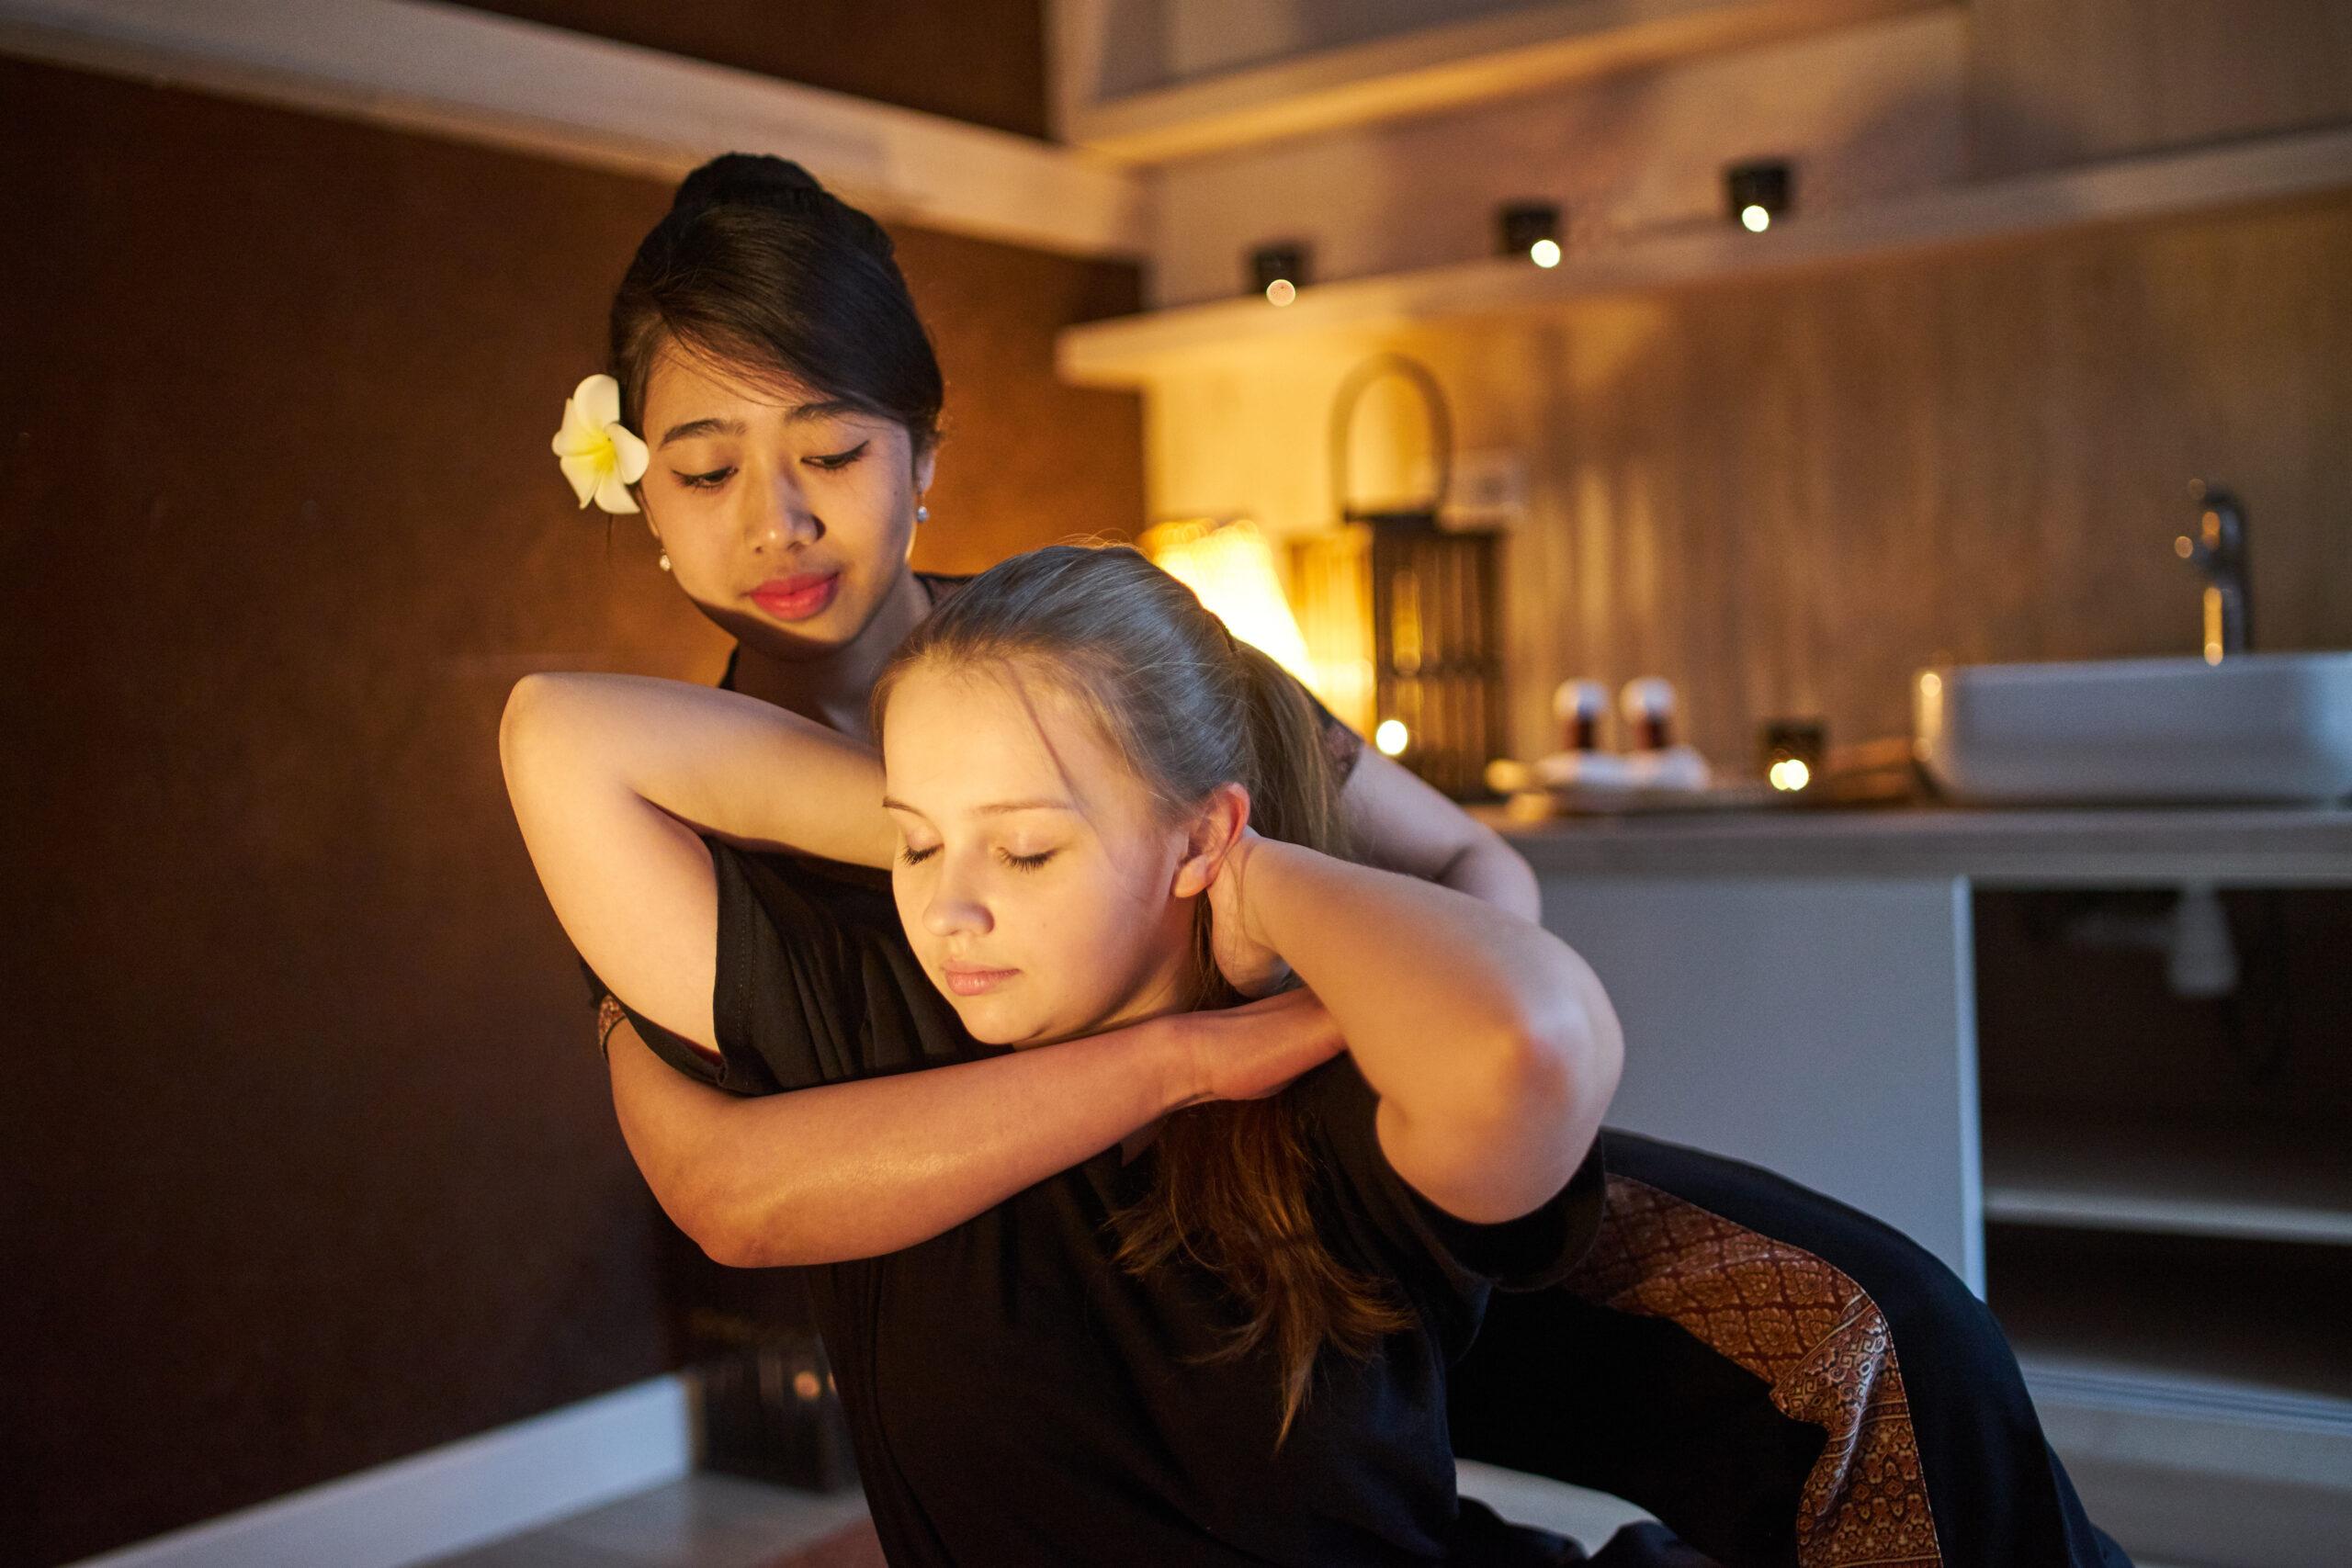 masaż tajski w warszawie w grodzisku masaż dobry skuteczny